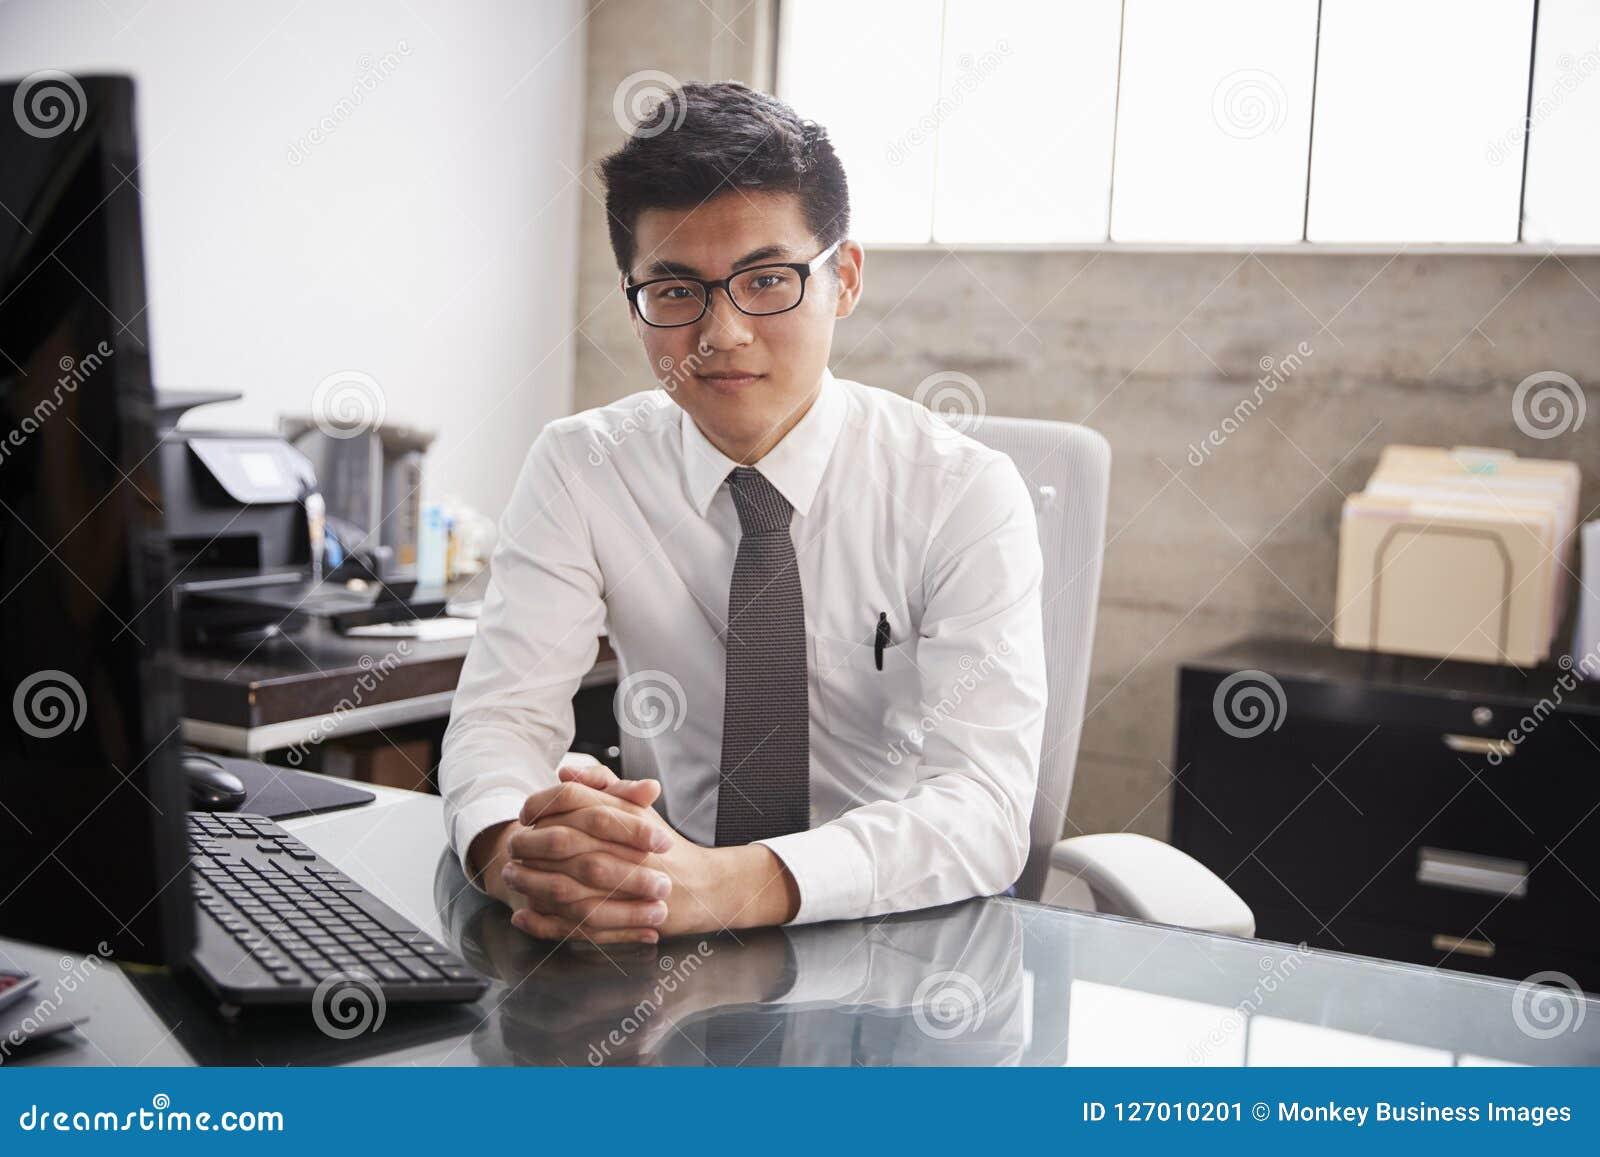 Junger asiatischer Geschäftsmann an einem Schreibtisch, schauend zur Kamera